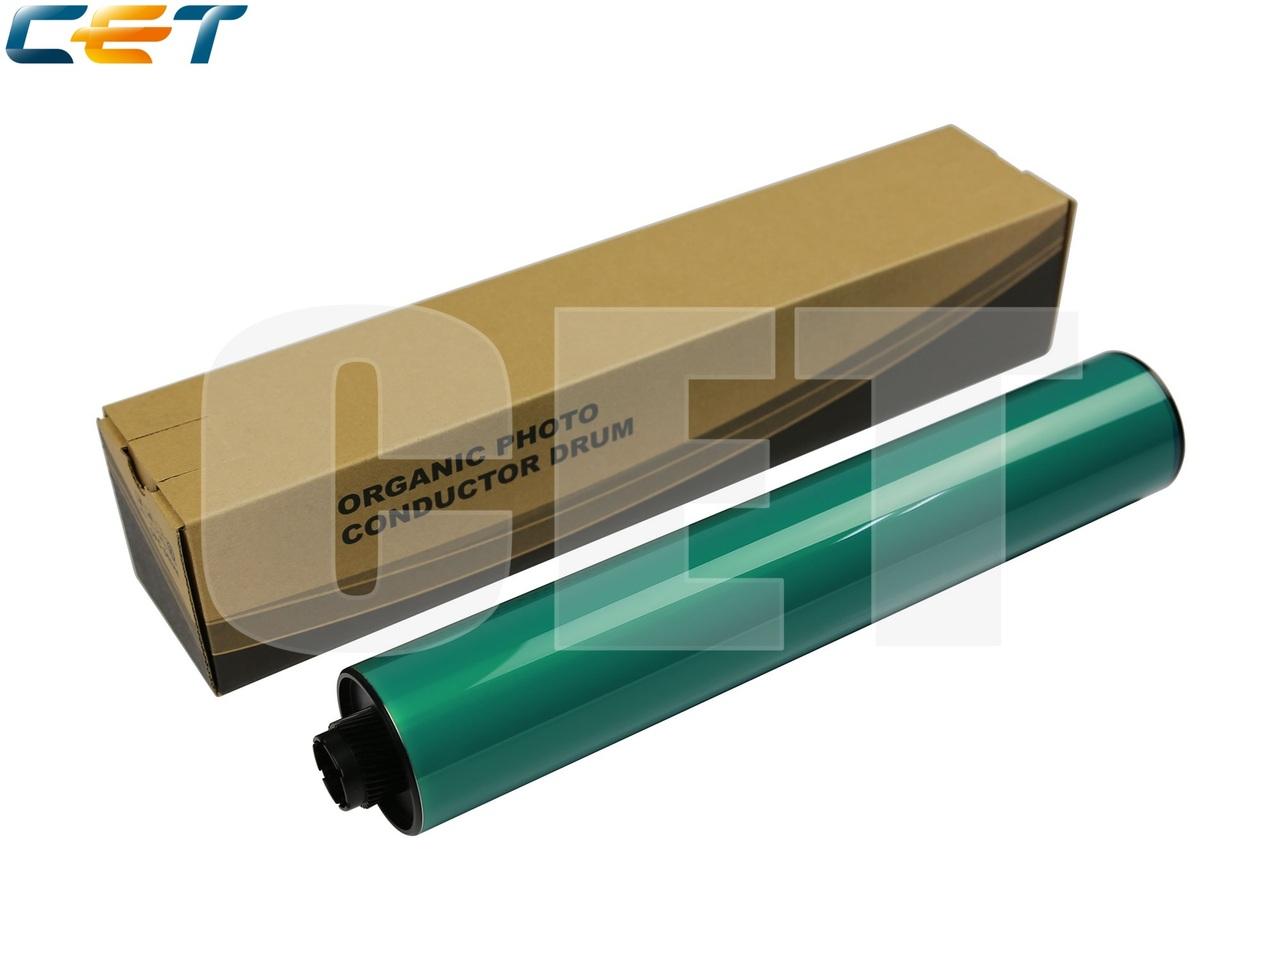 Барабан (Япония) для RICOH AficioMP4000/MP4001G/MP4002/MP5000/MP5001G/MP5002 (CET),150000 стр., CET6996M